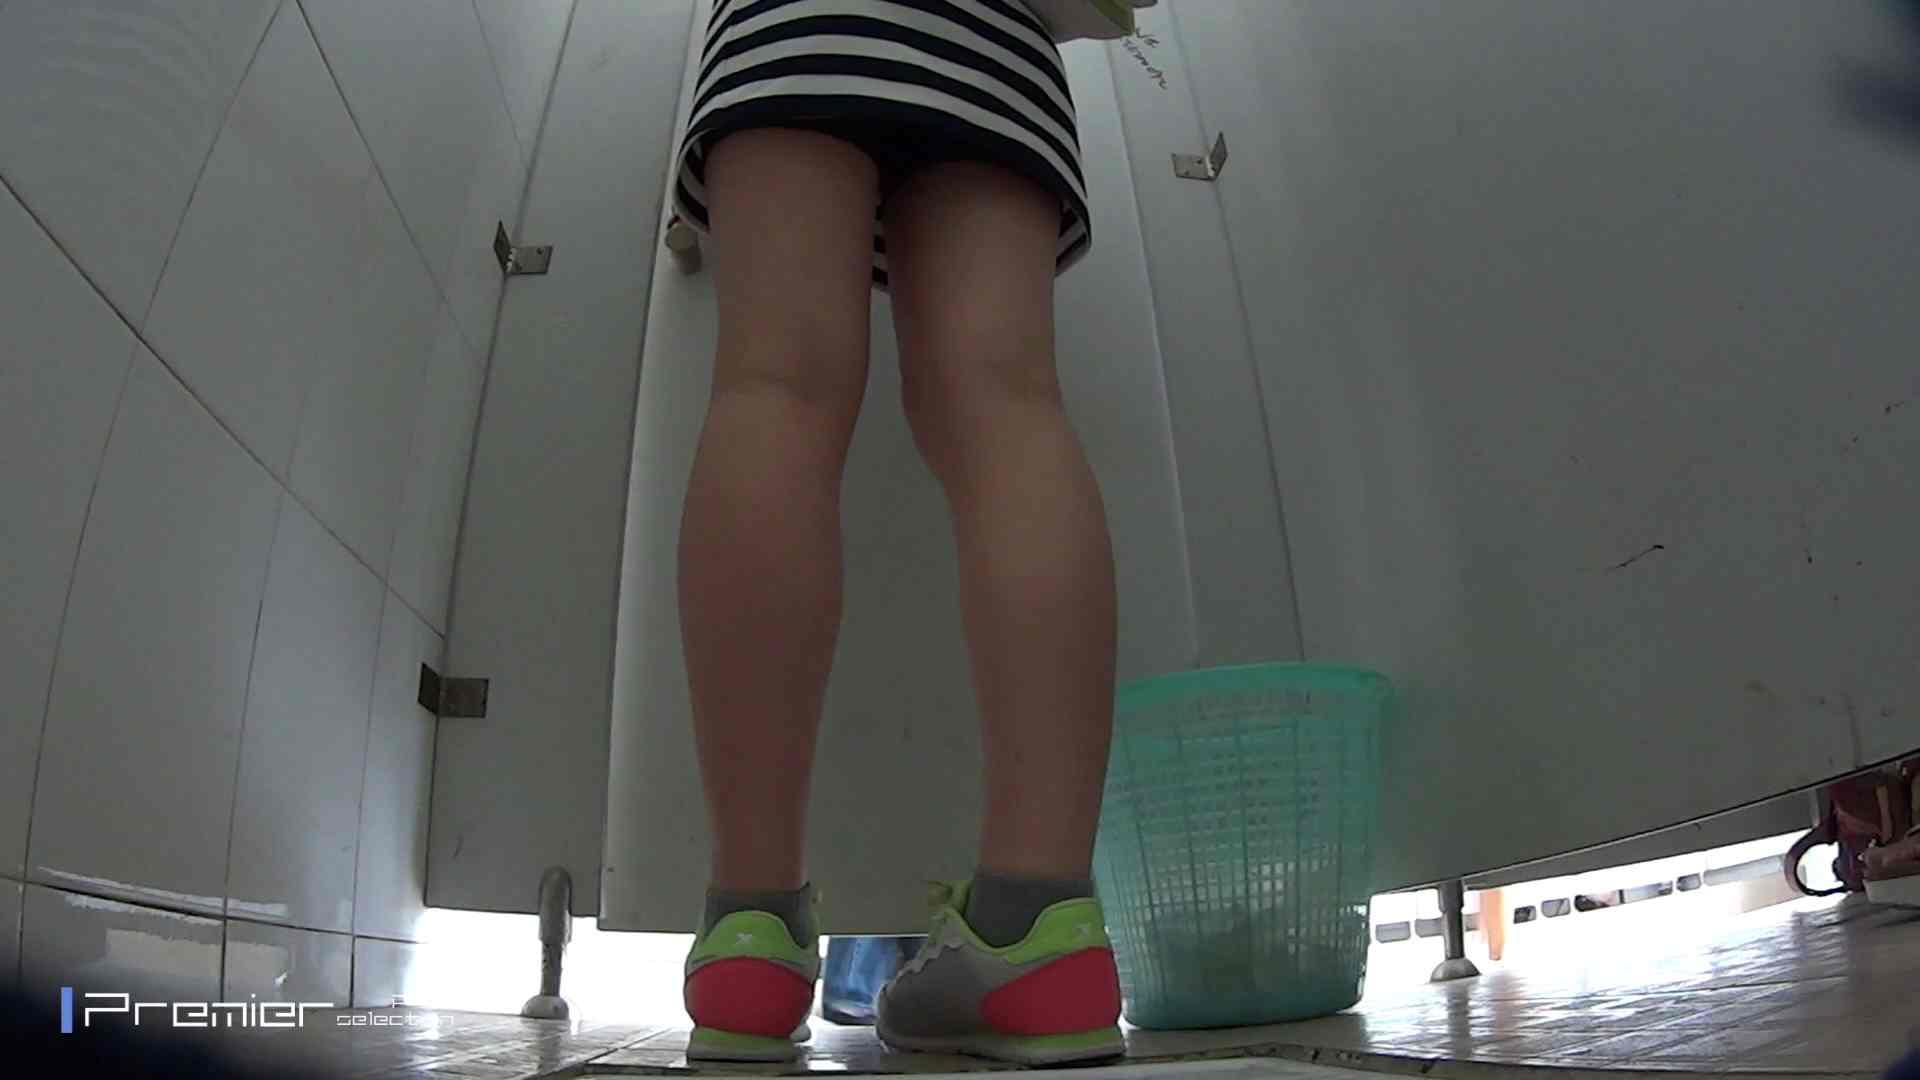 美しい女良たちのトイレ事情 有名大学休憩時間の洗面所事情06 トイレ 戯れ無修正画像 42pic 19